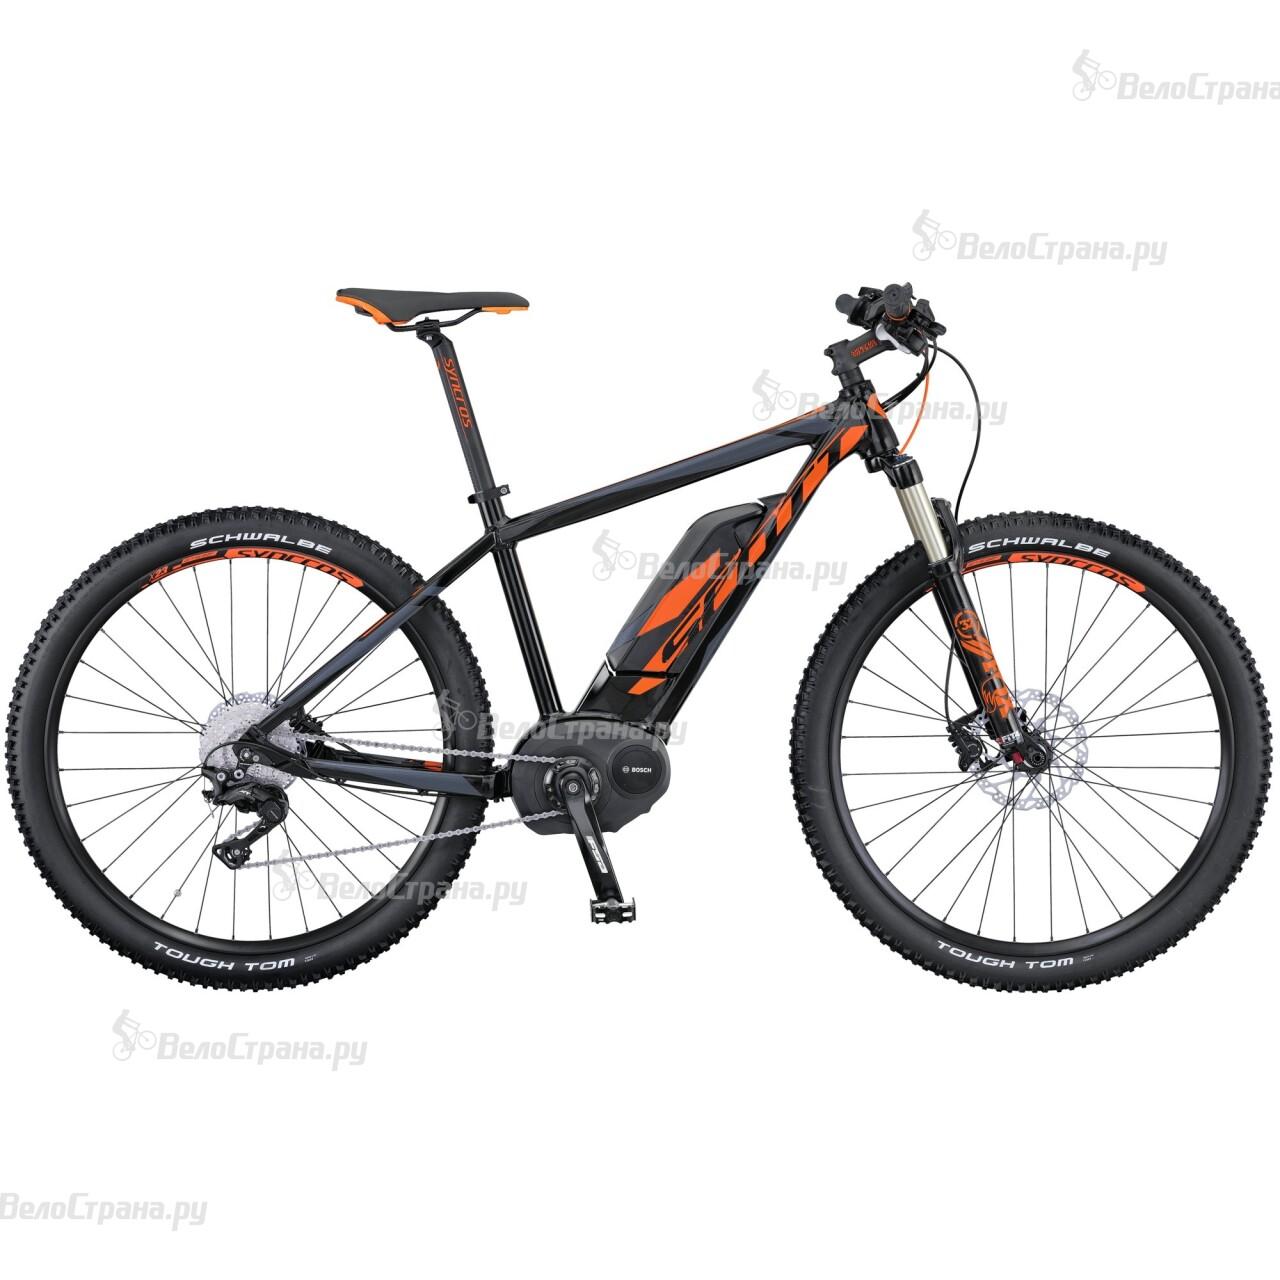 Велосипед Scott E-Aspect 710 (2016)